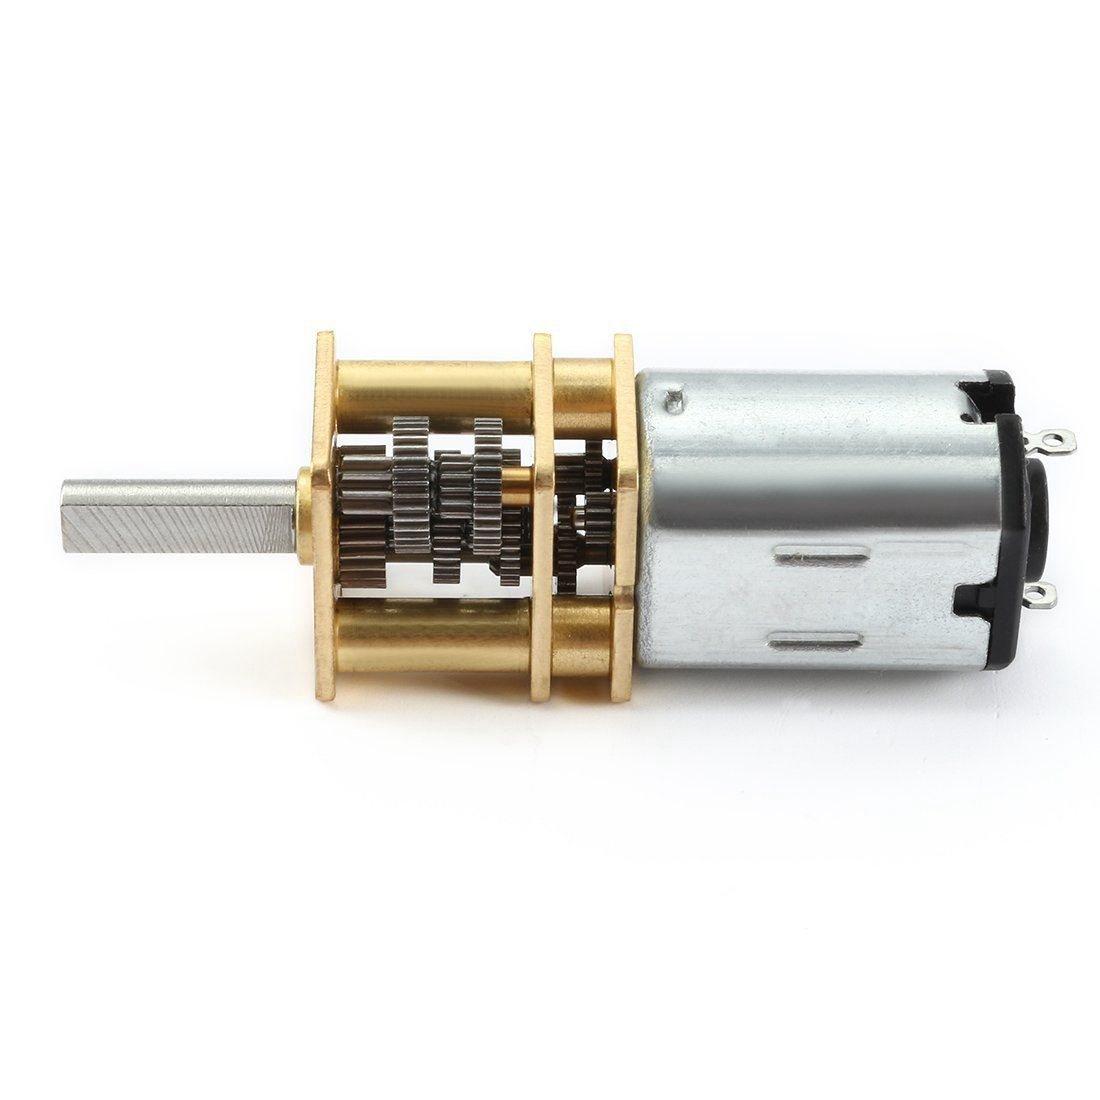 Andifany DC 6V 10RPM Motor de reduccion de micro-velocidad motor de caja de engranaje con 2 terminales para RC coche barco Robot Modelo DIY Juguete de motor